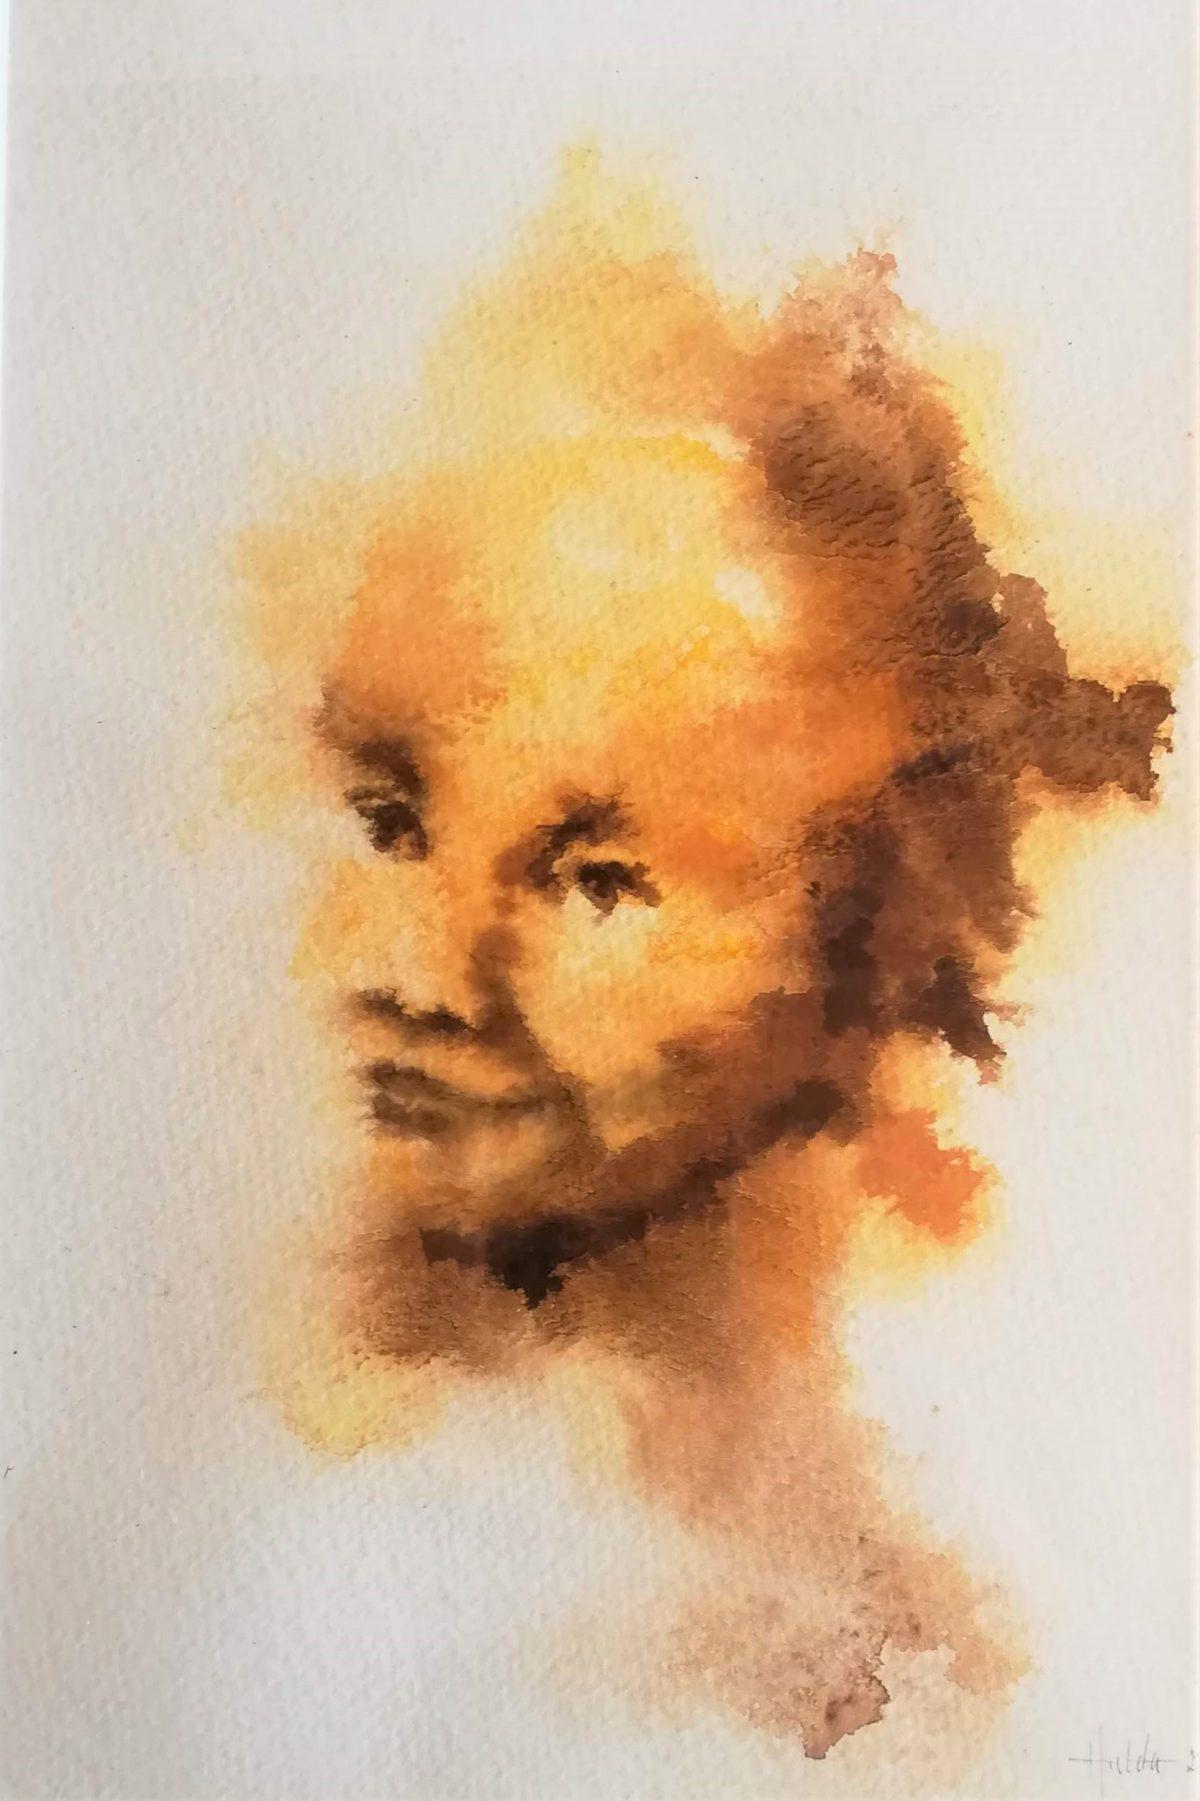 Ett leende ansikte målat med utflytande färger från gult till mörkt brunt på vitt papper.